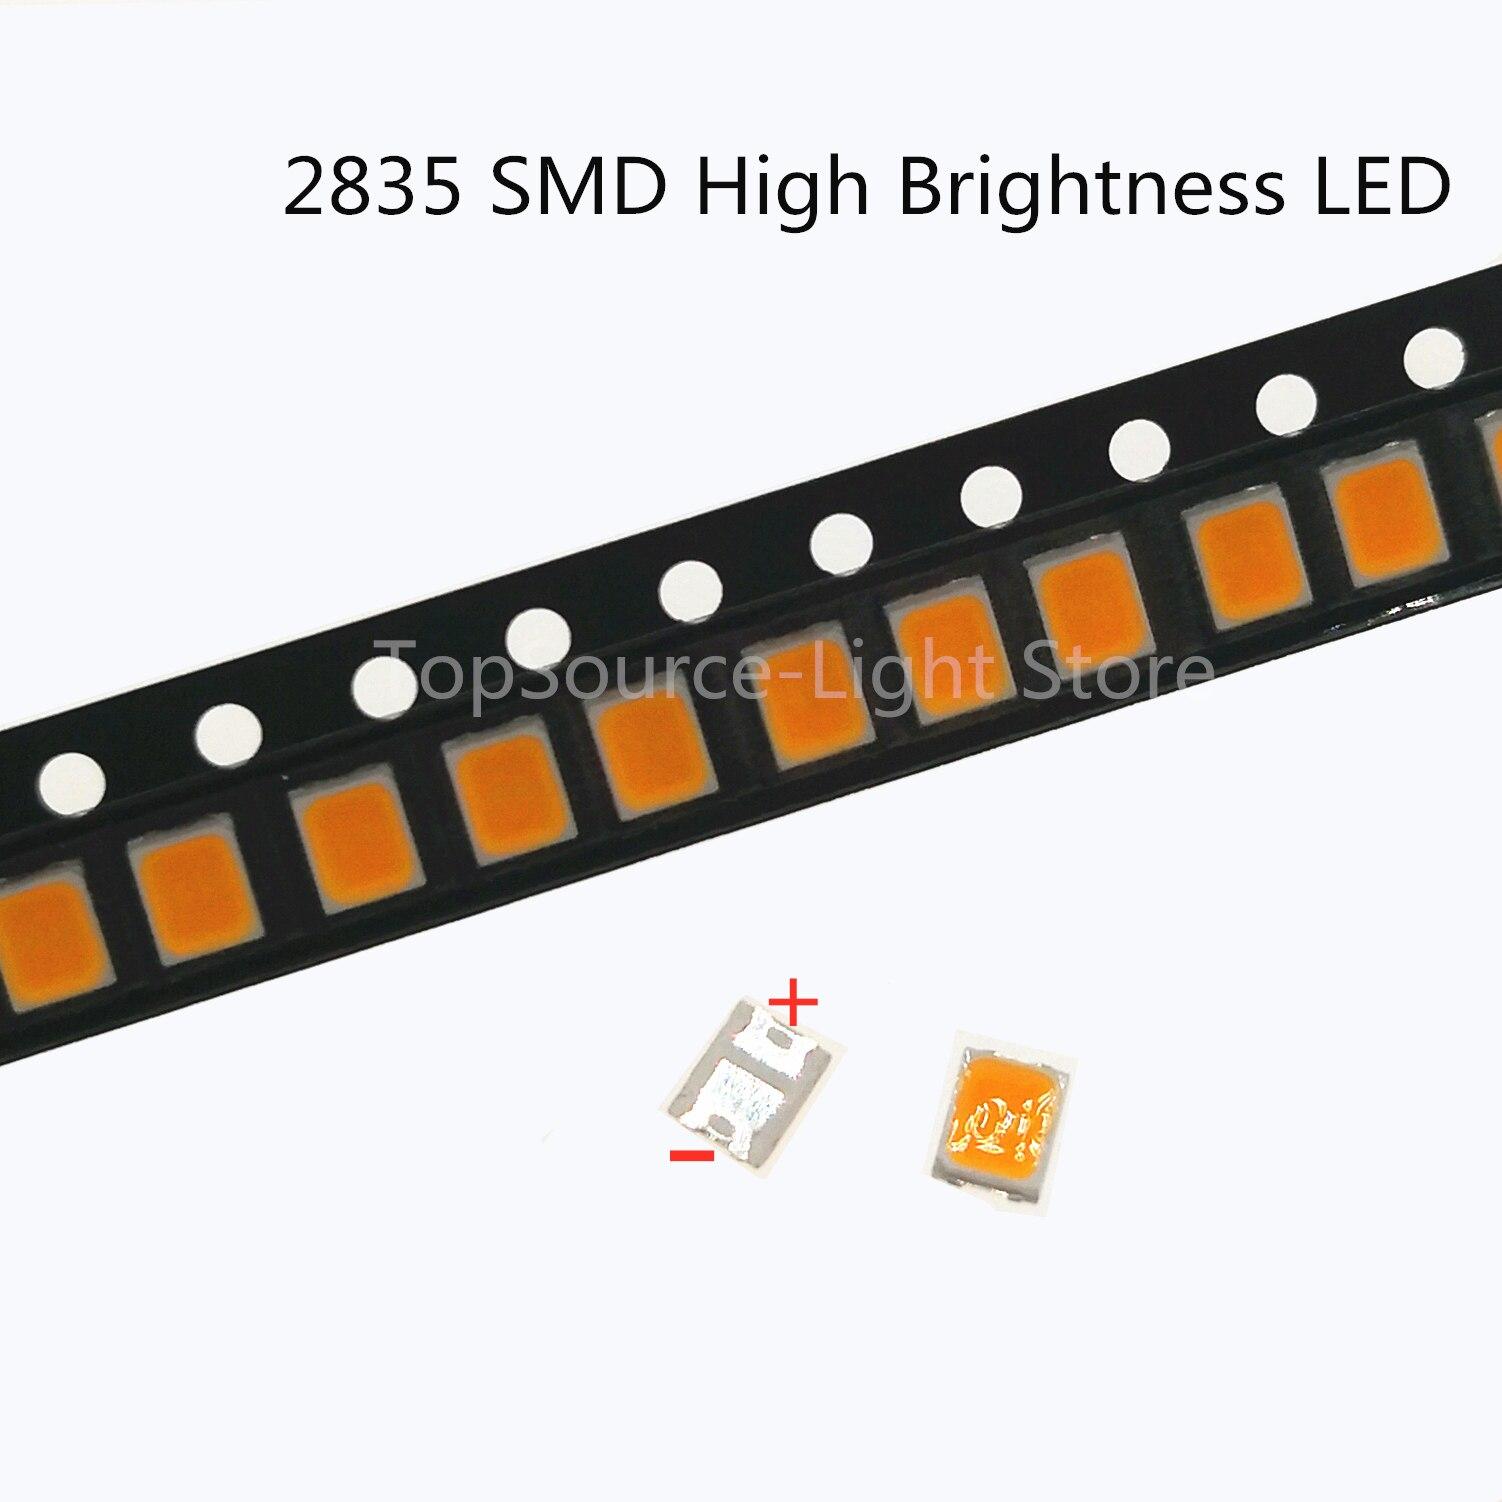 50PCS Original For LEXTAR 2835 3528 1210 6V SMD LED For Repair TV Backlight Cold White LCD Backlight LED